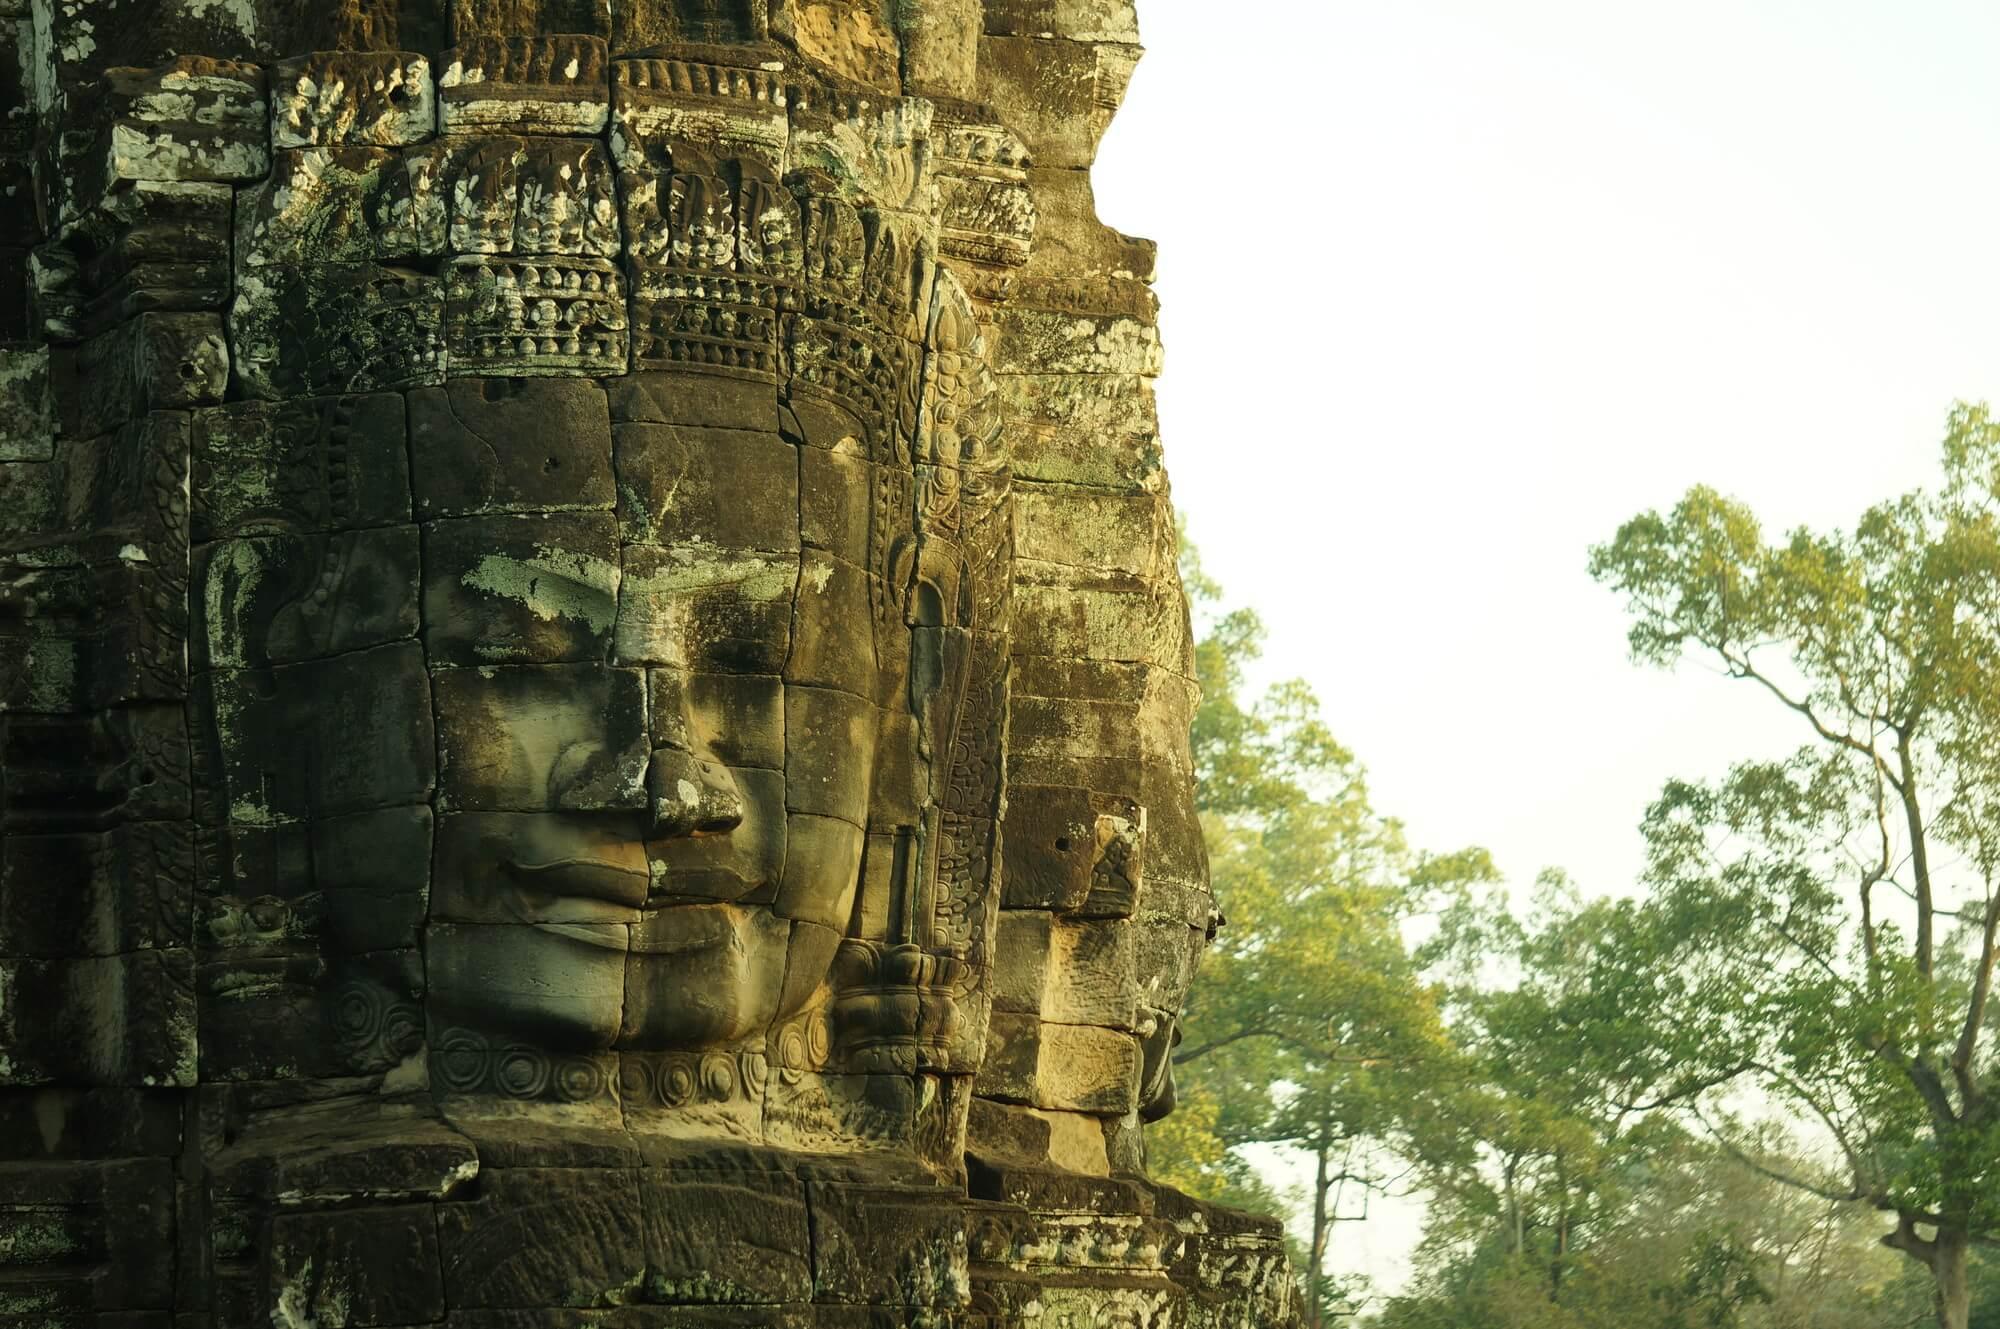 angkor-wat-tomb-raider-2